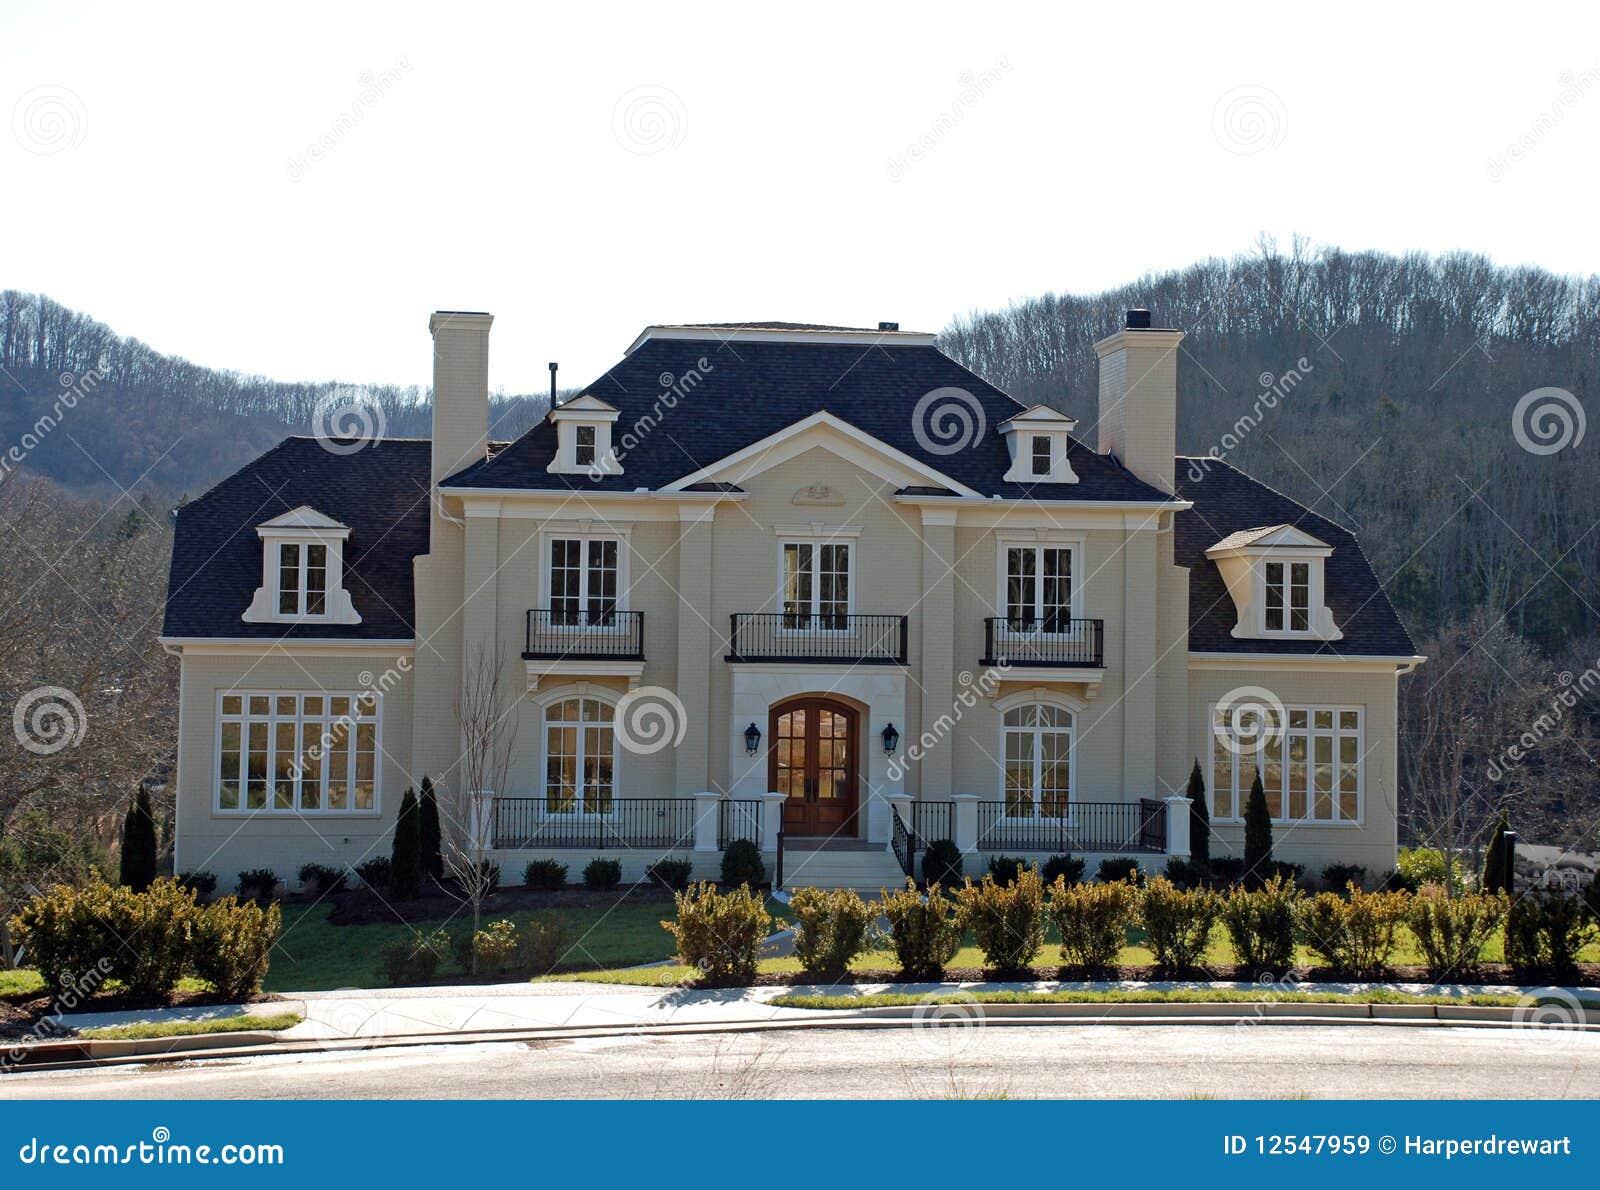 Maison de luxe classique 37 images libres de droits for Image maison classique